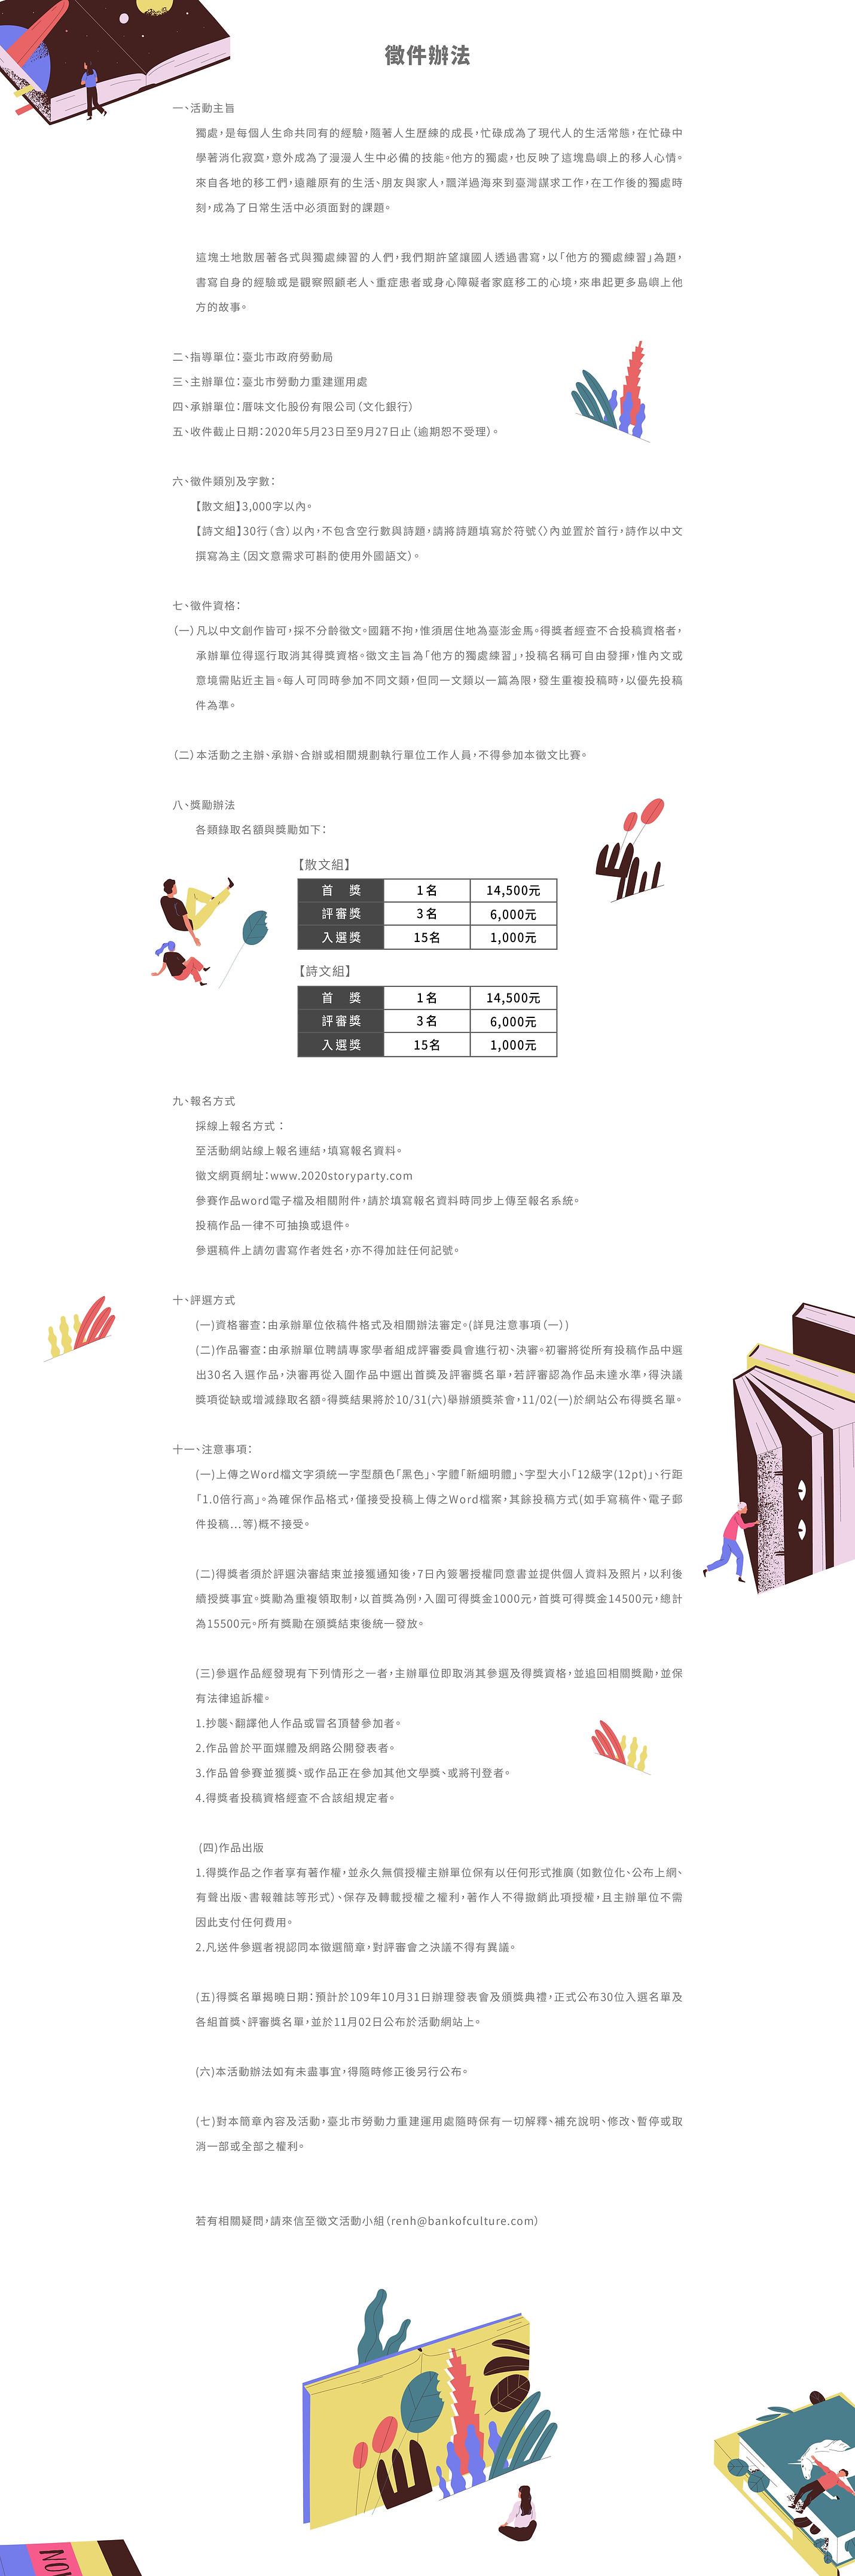 0706徵件辦法-01.jpg